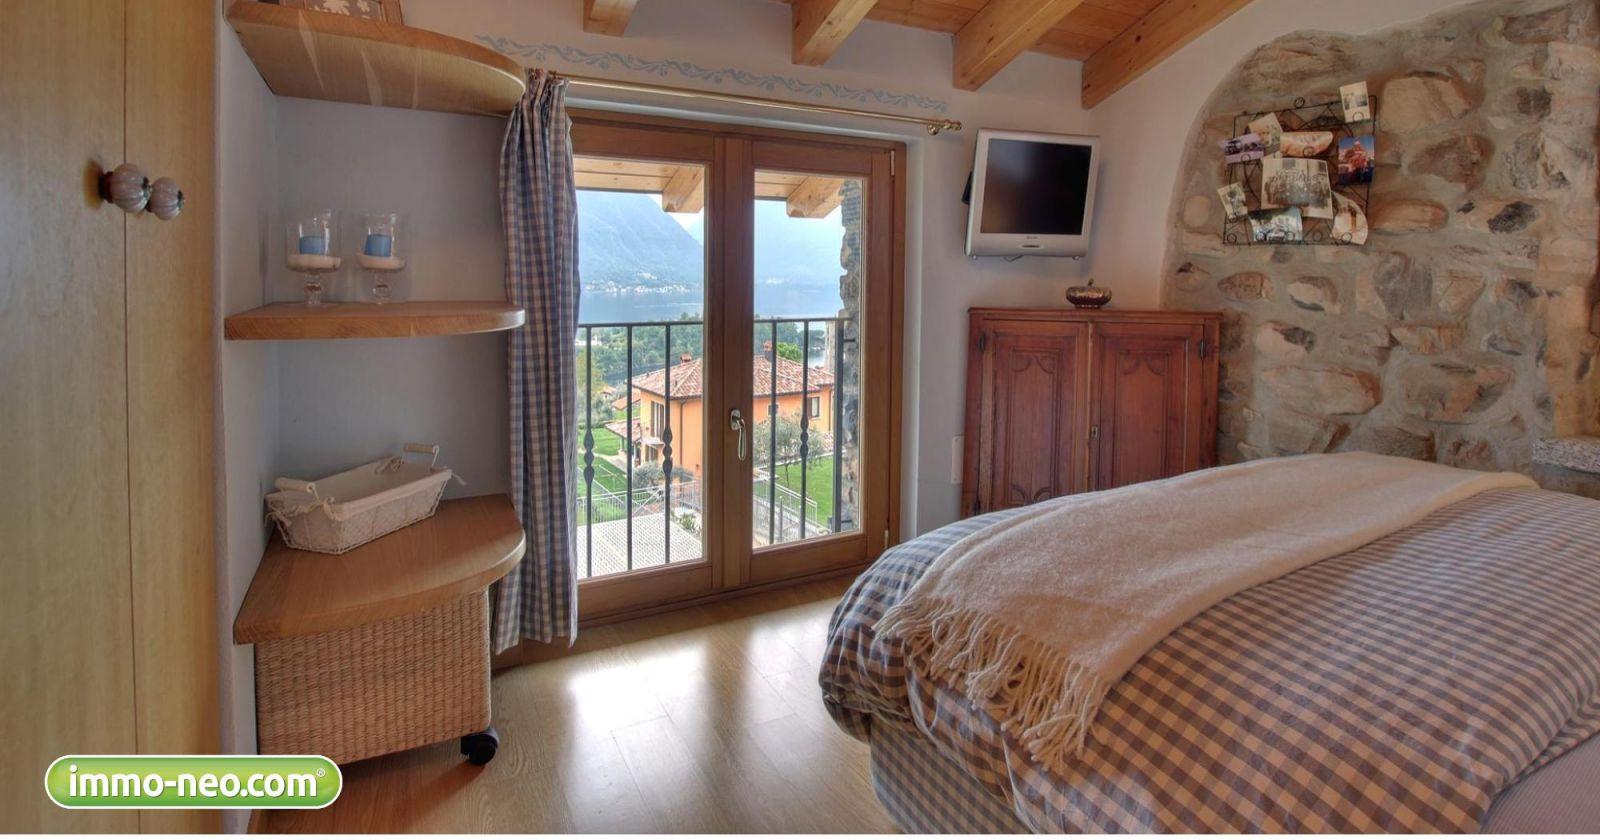 Due case da sogno in vendita tra privati sul lago di como for Aggiunte di case a due livelli